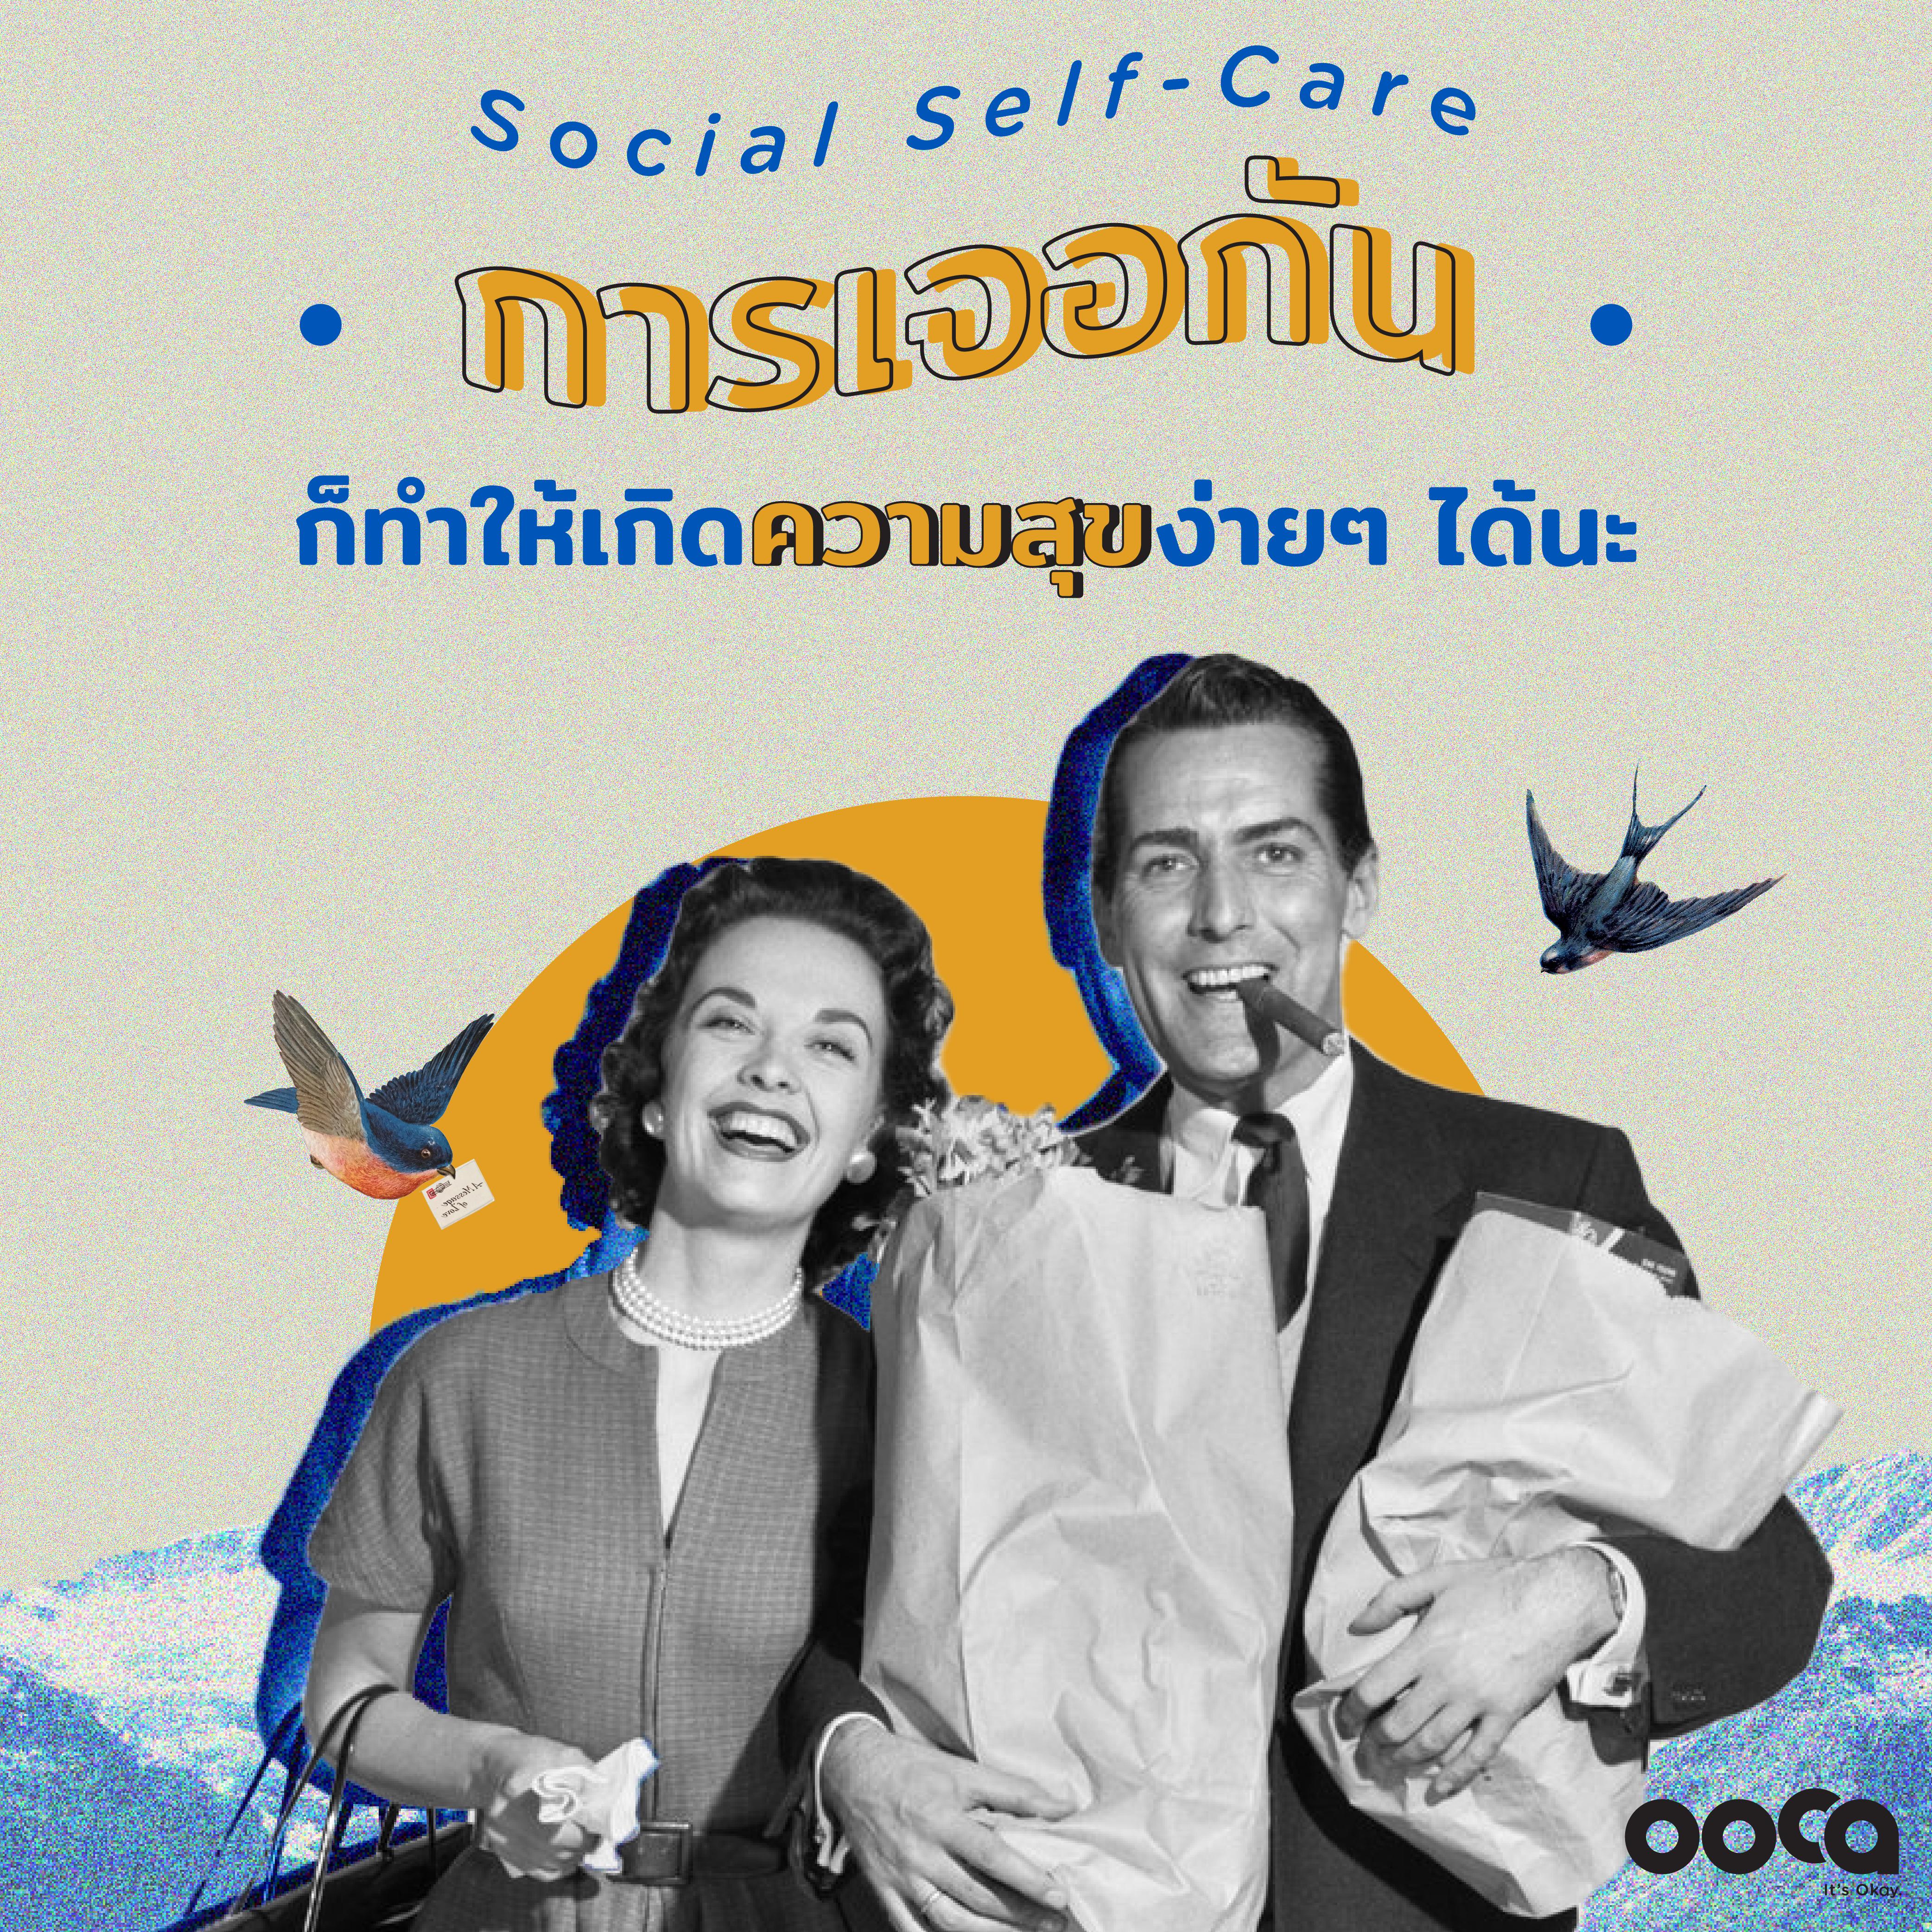 Social Self-Care การเจอกันก็ทำให้เกิดความสุขง่ายๆ ได้น